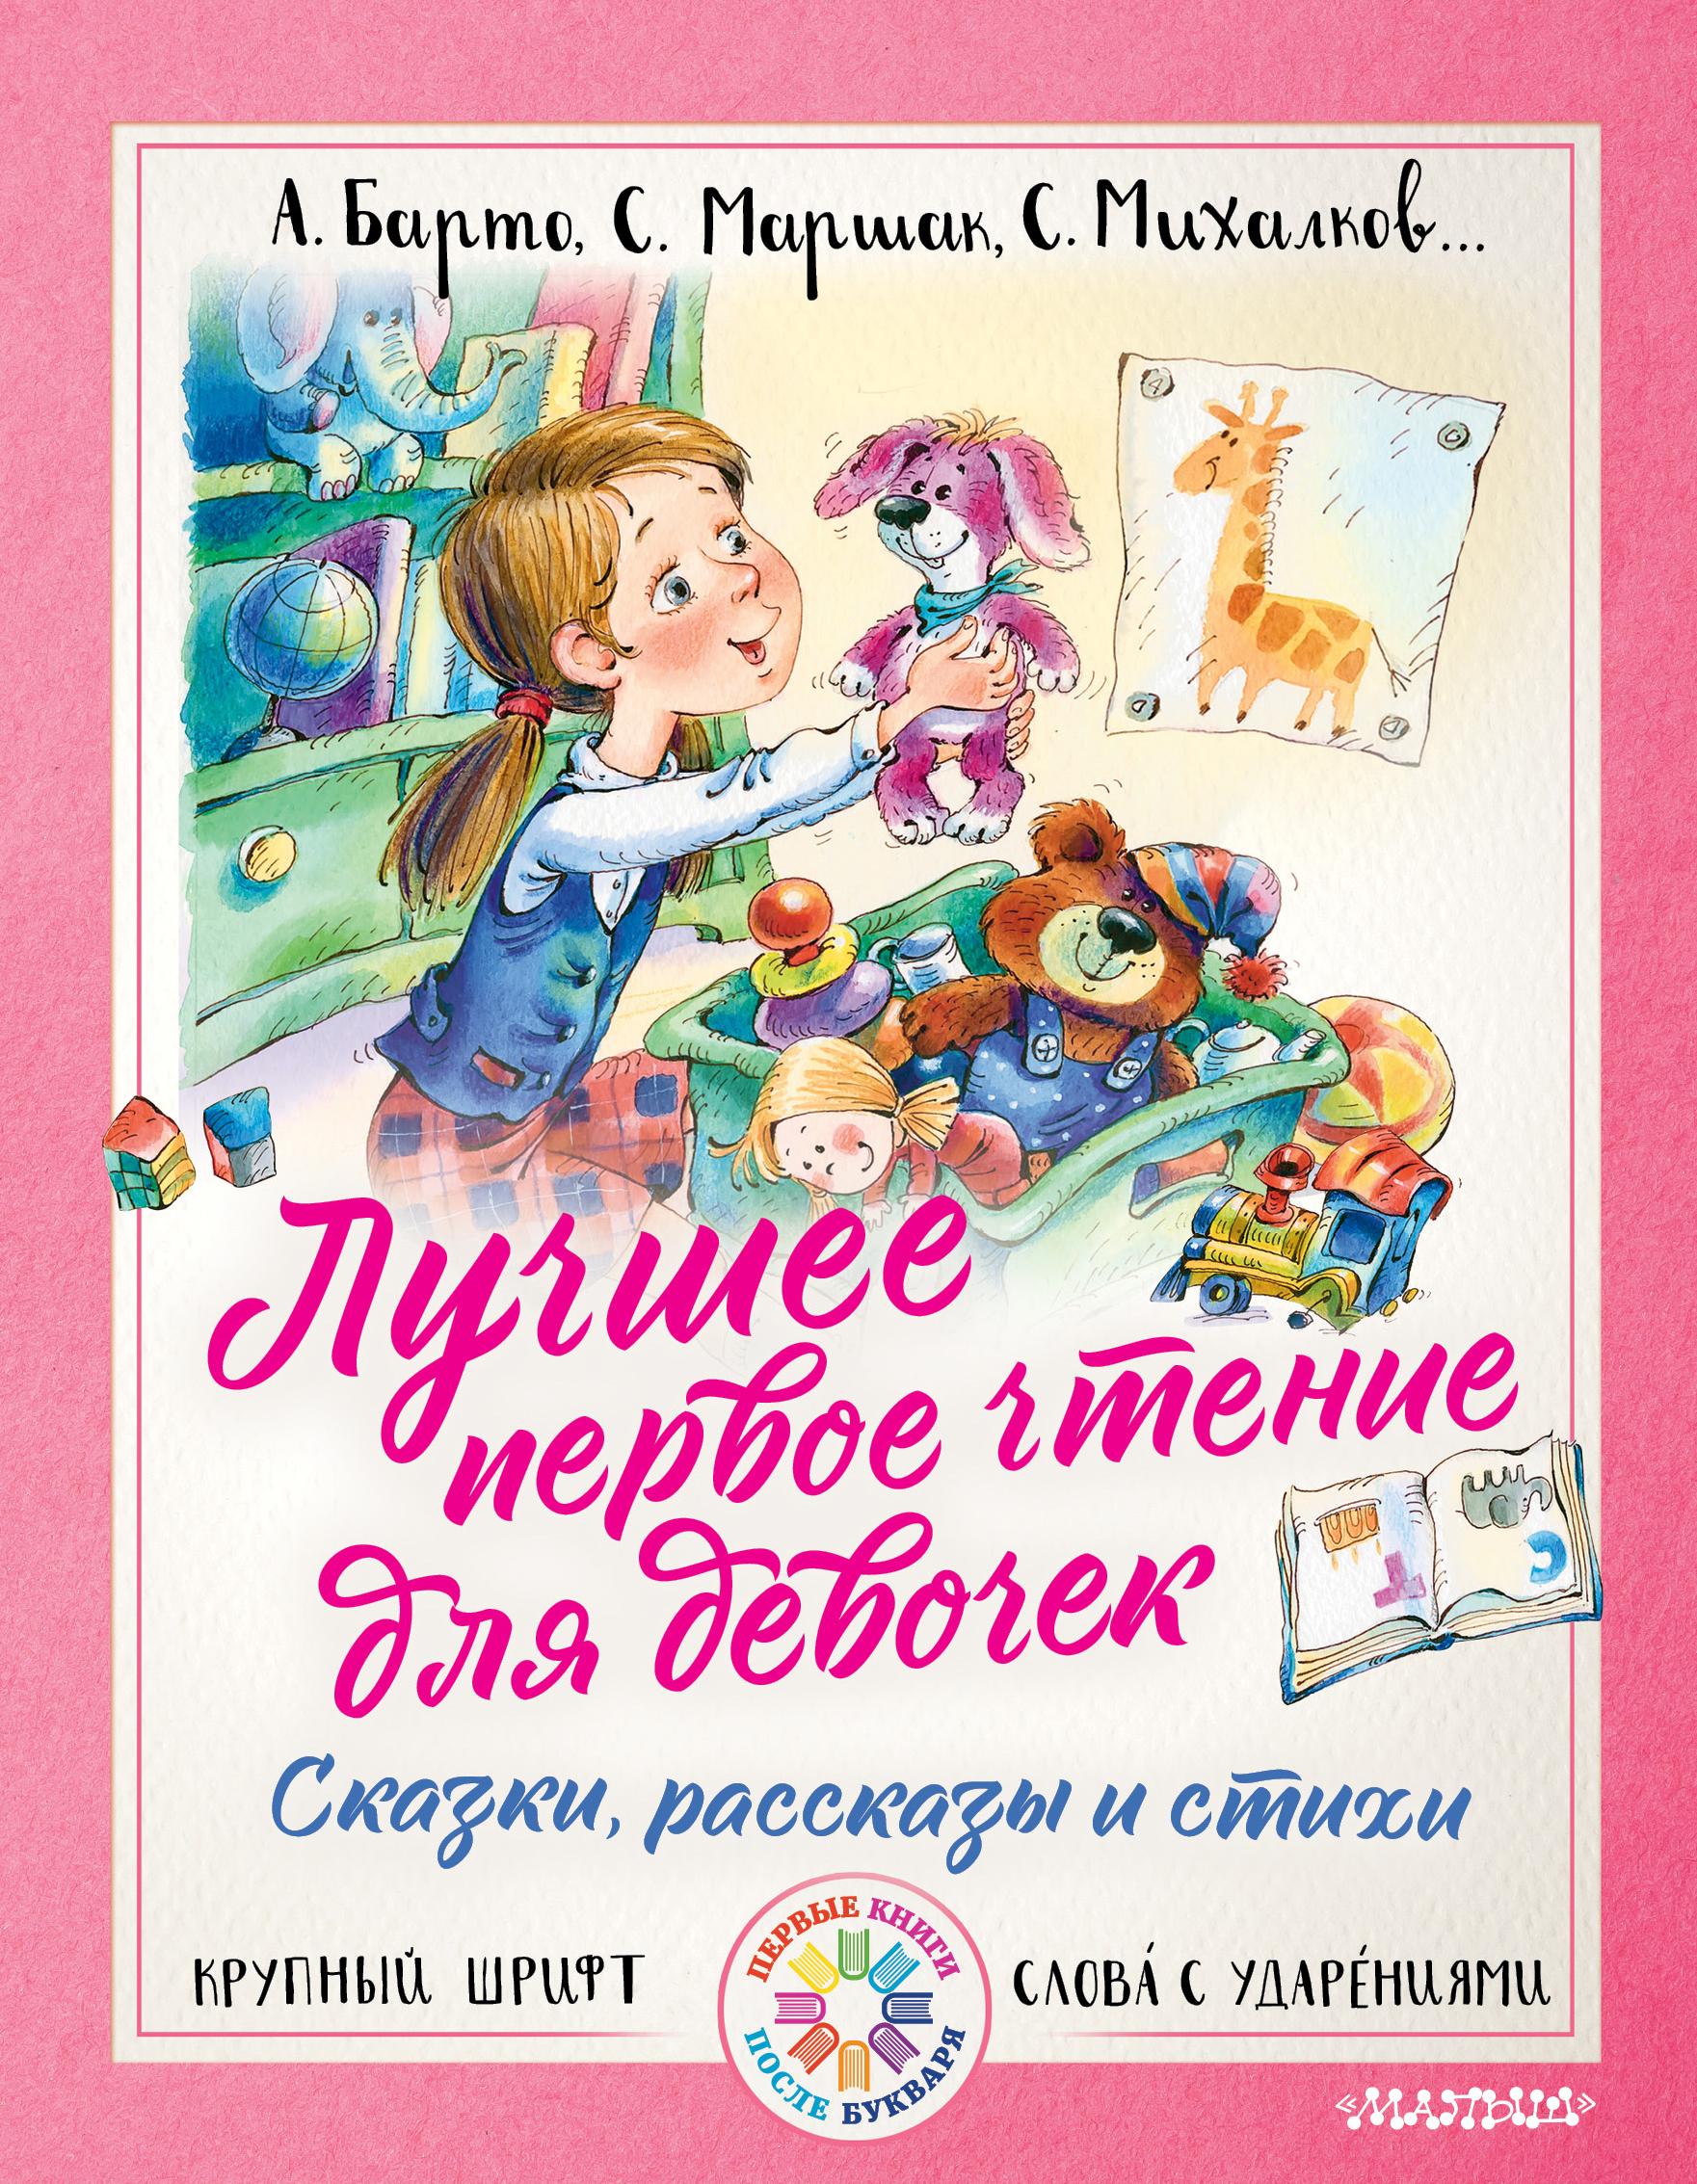 цена на С. Маршак, С. Михалков, Э. Успенский и др. Лучшее первое чтение для девочек